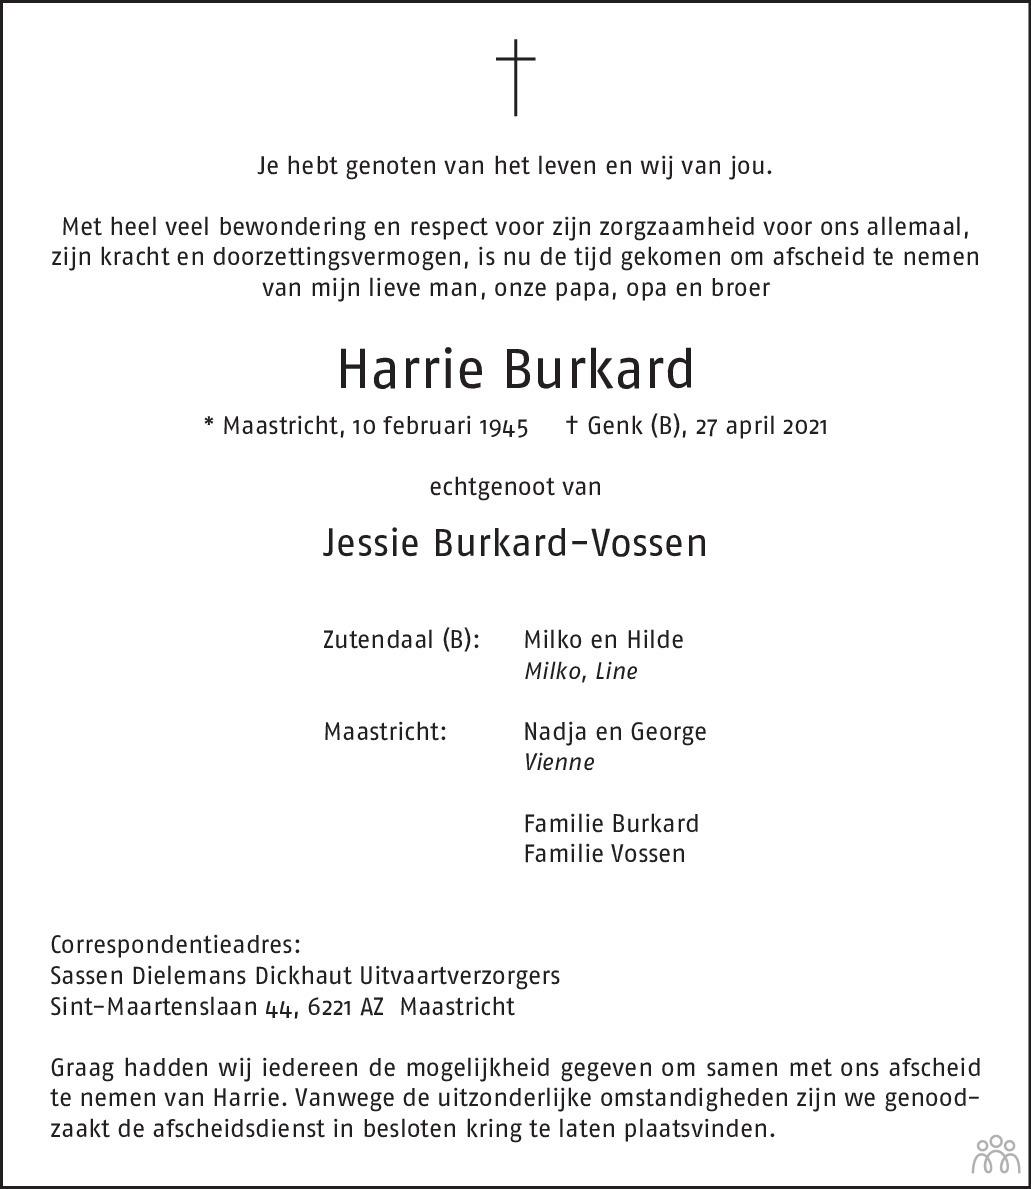 Overlijdensbericht van Harrie Burkard in De Limburger